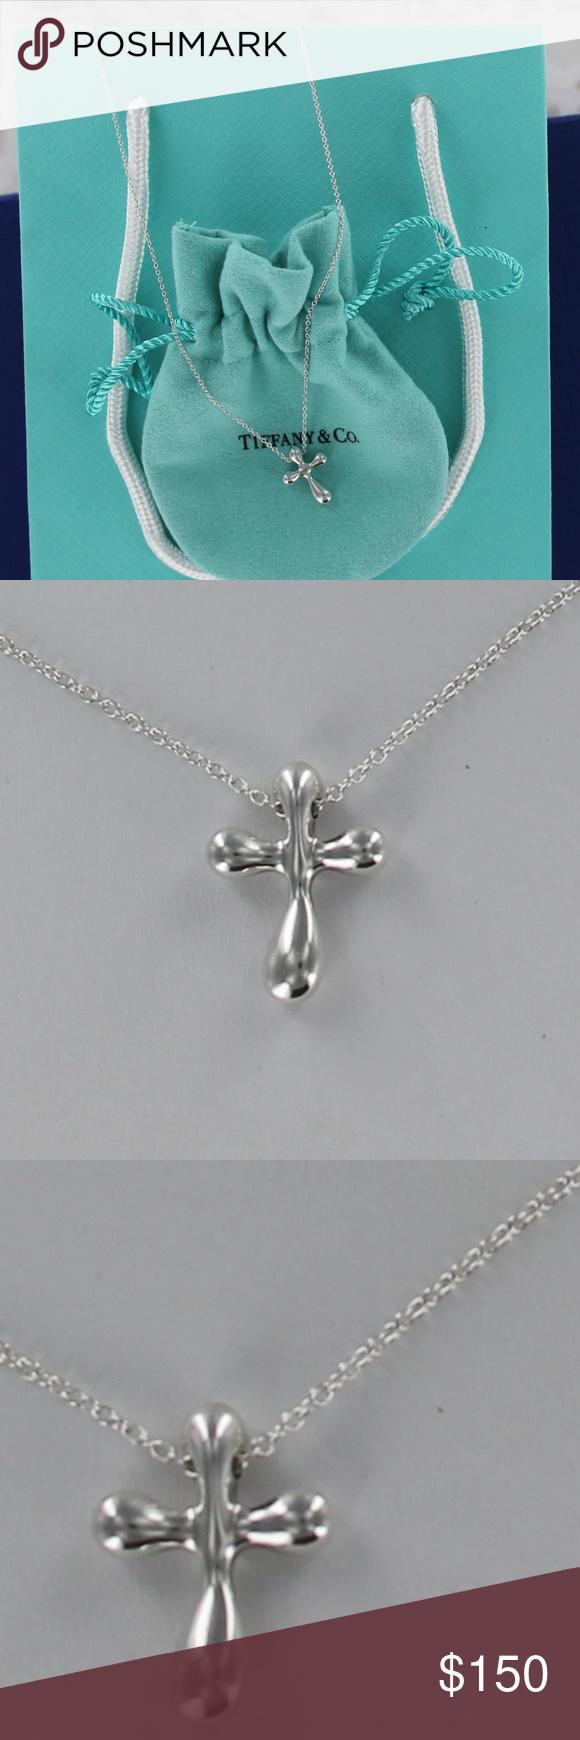 589df57134a34 Tiffany & Co. Peretti Cross Pendant Necklace 18